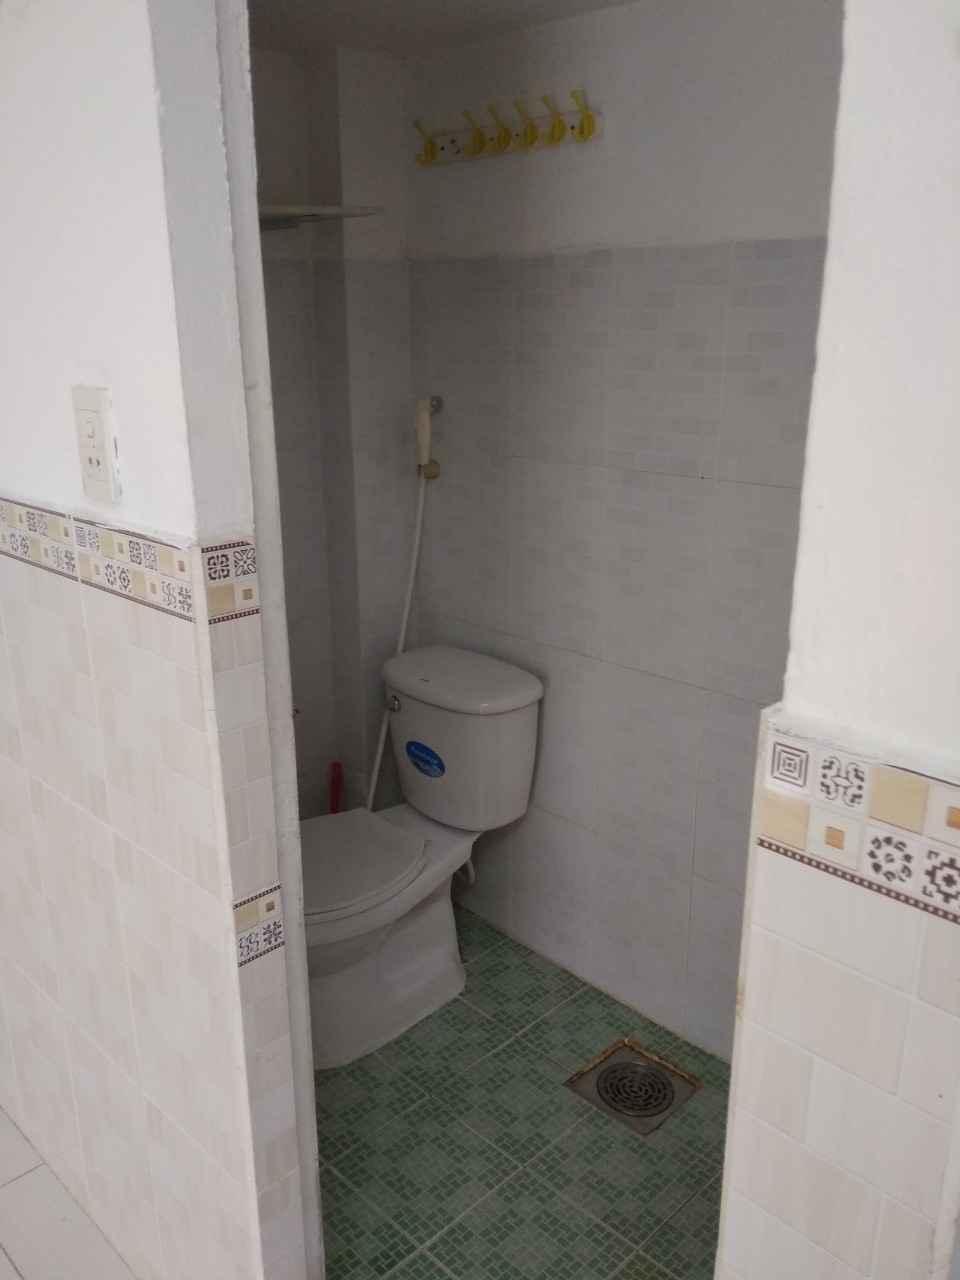 Phòng trọ Phan V Hớn, Q12, dành cho nữ, 3x4,5m - 1tr5